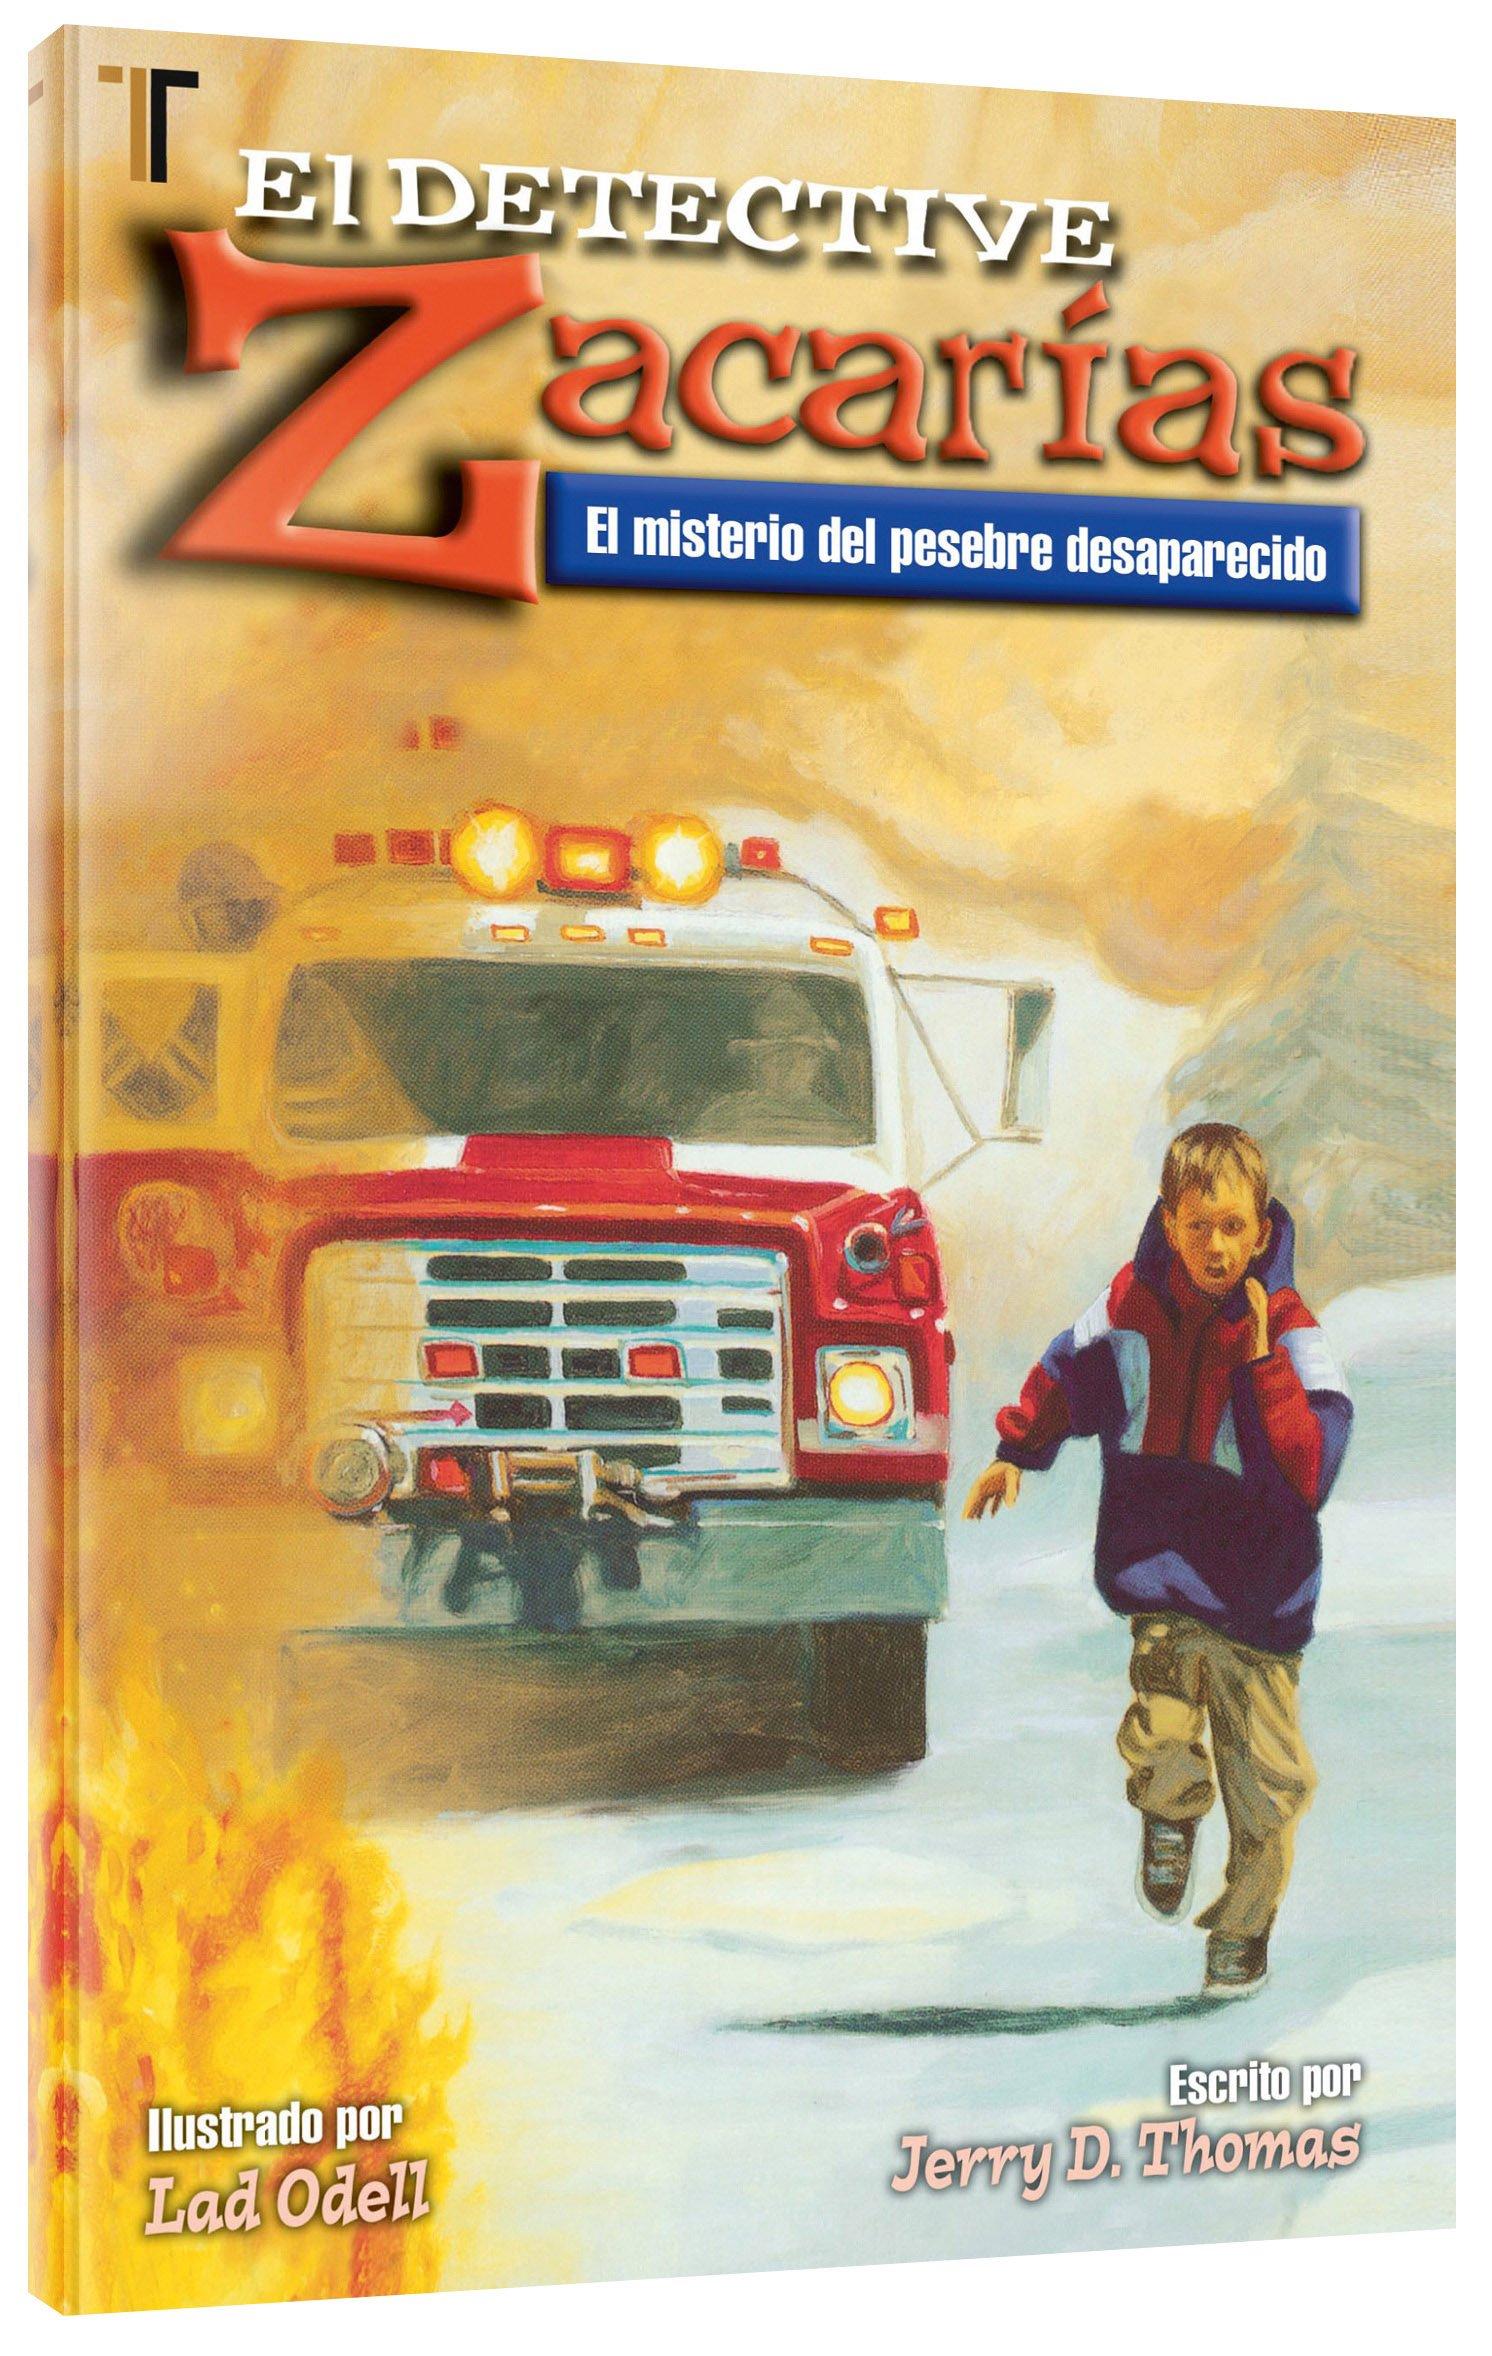 Detective Zacarias: Misterio del pesebre desaparecido (Spanish Edition): Jerry D. Thomas, Lad Odell: 9781588024145: Amazon.com: Books